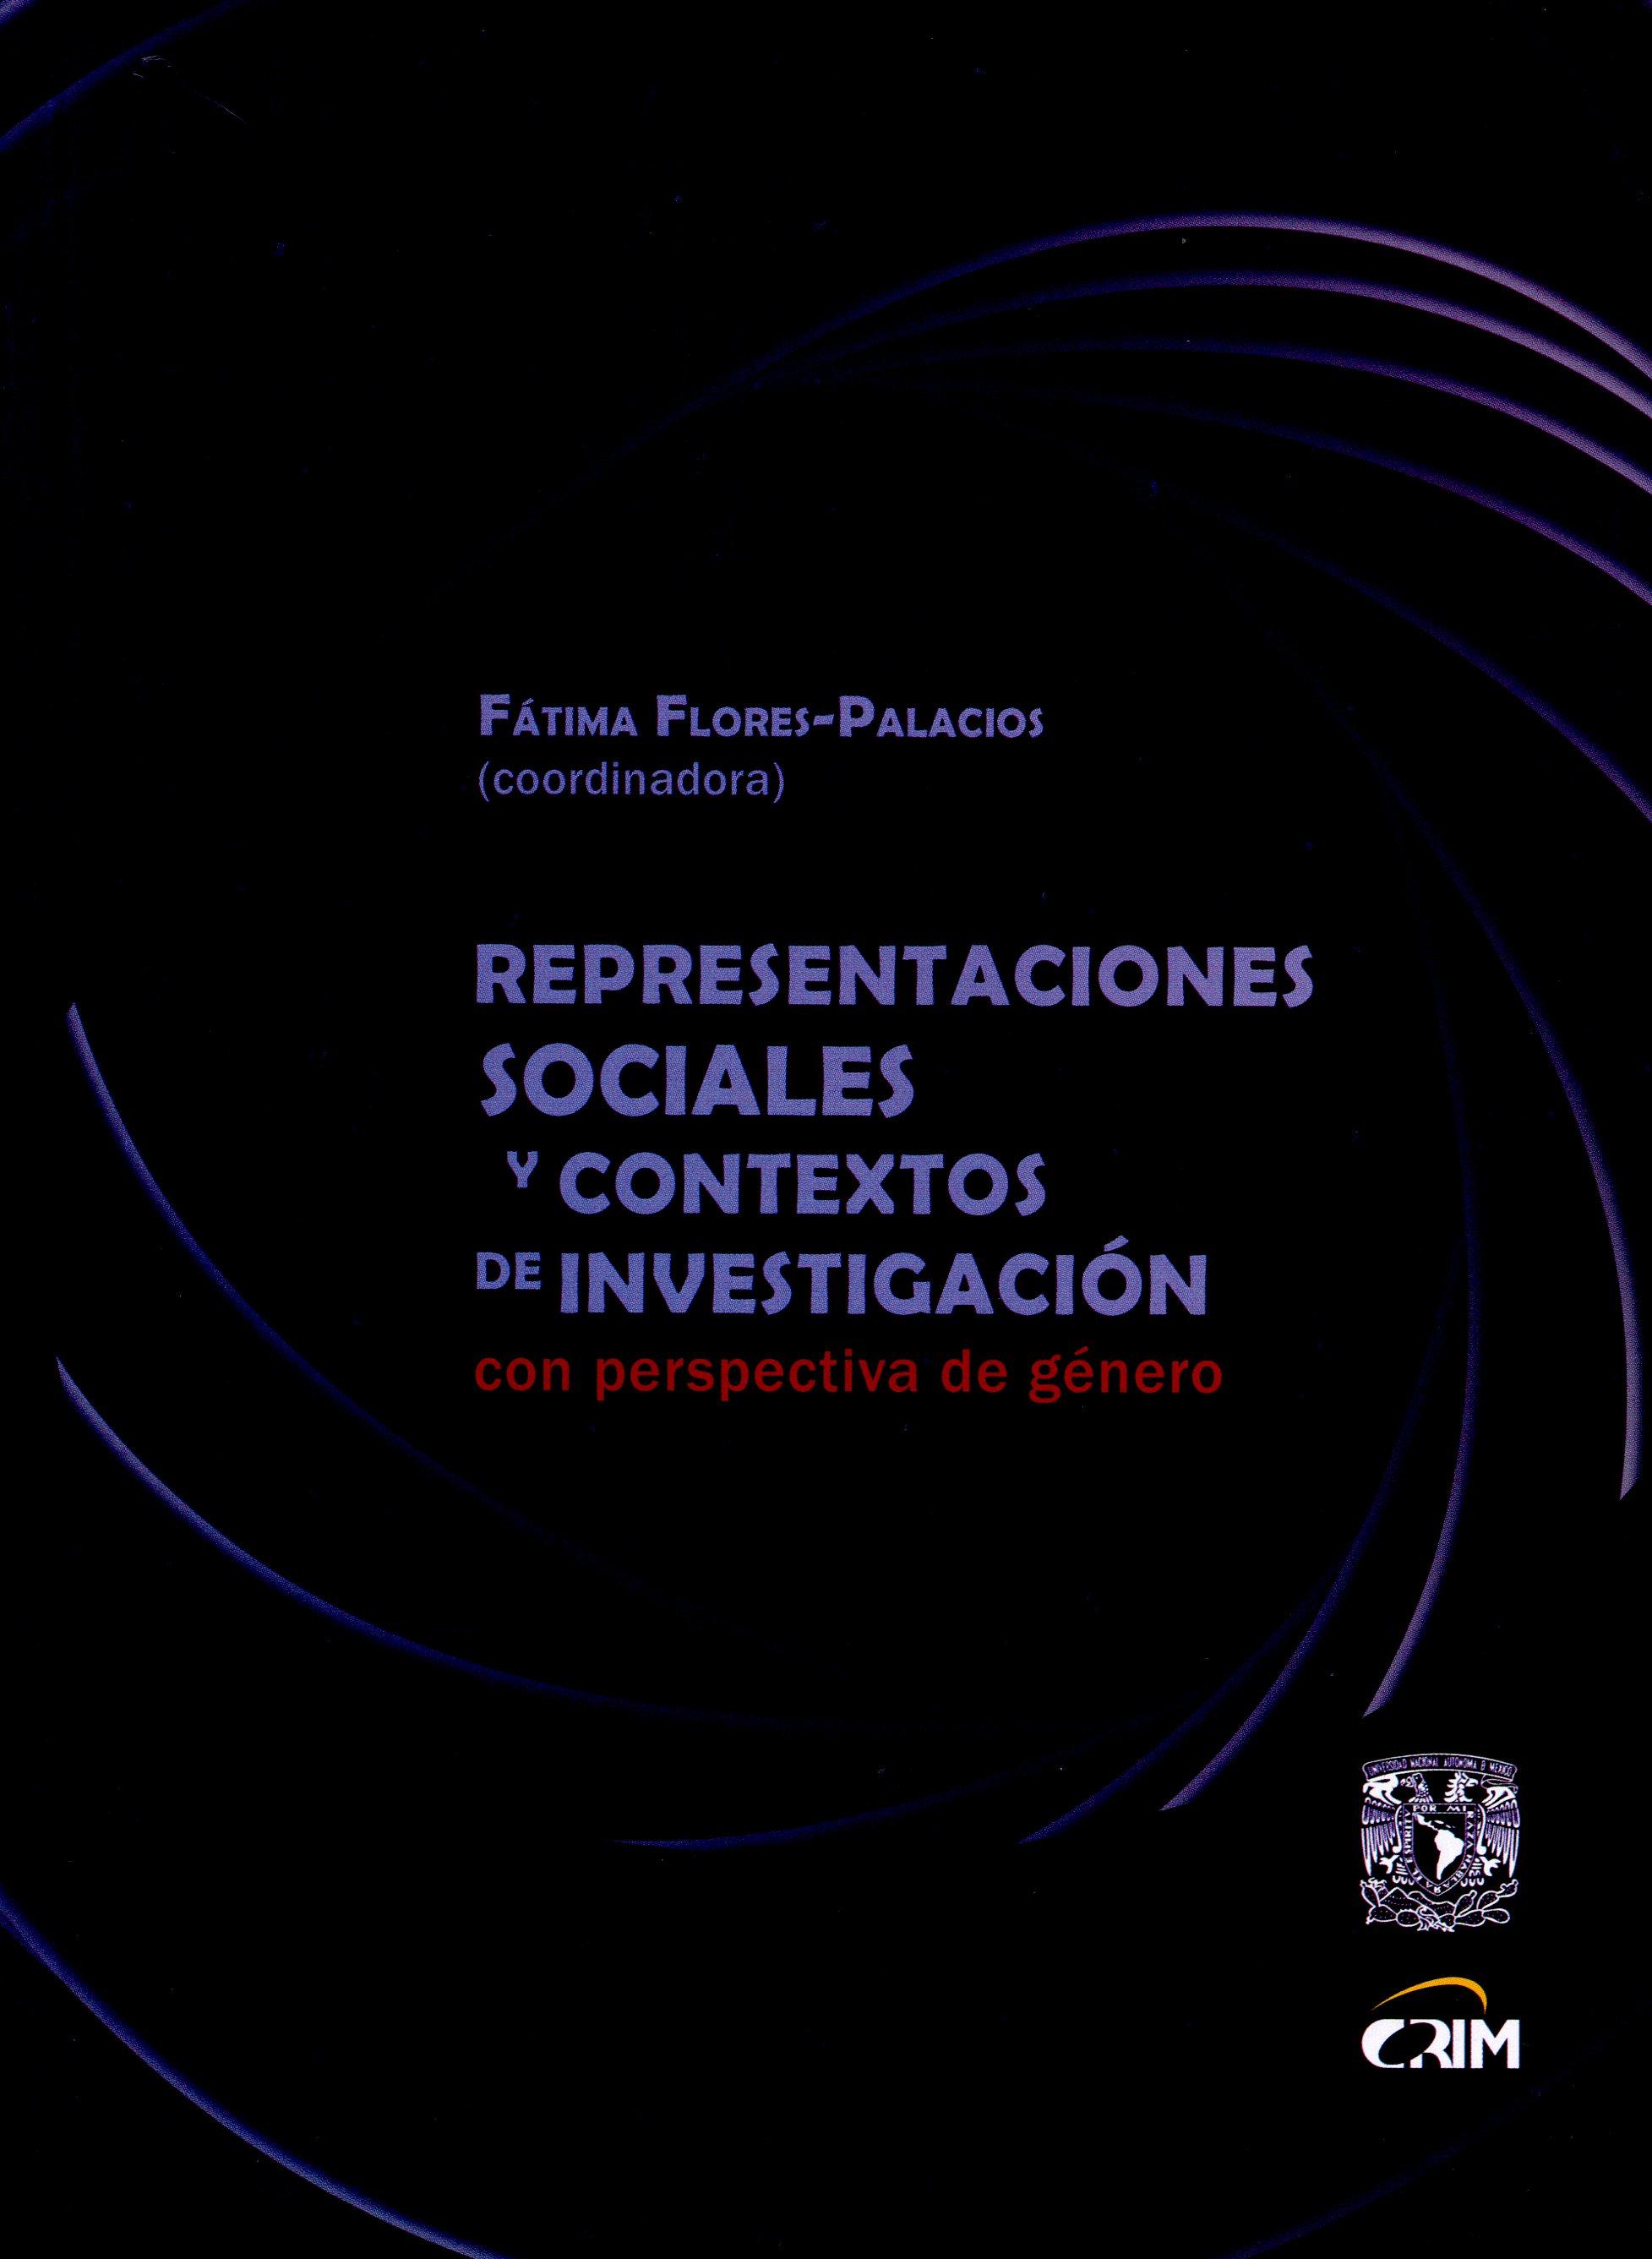 Representaciones sociales y contextos de investigación con perspectiva de género